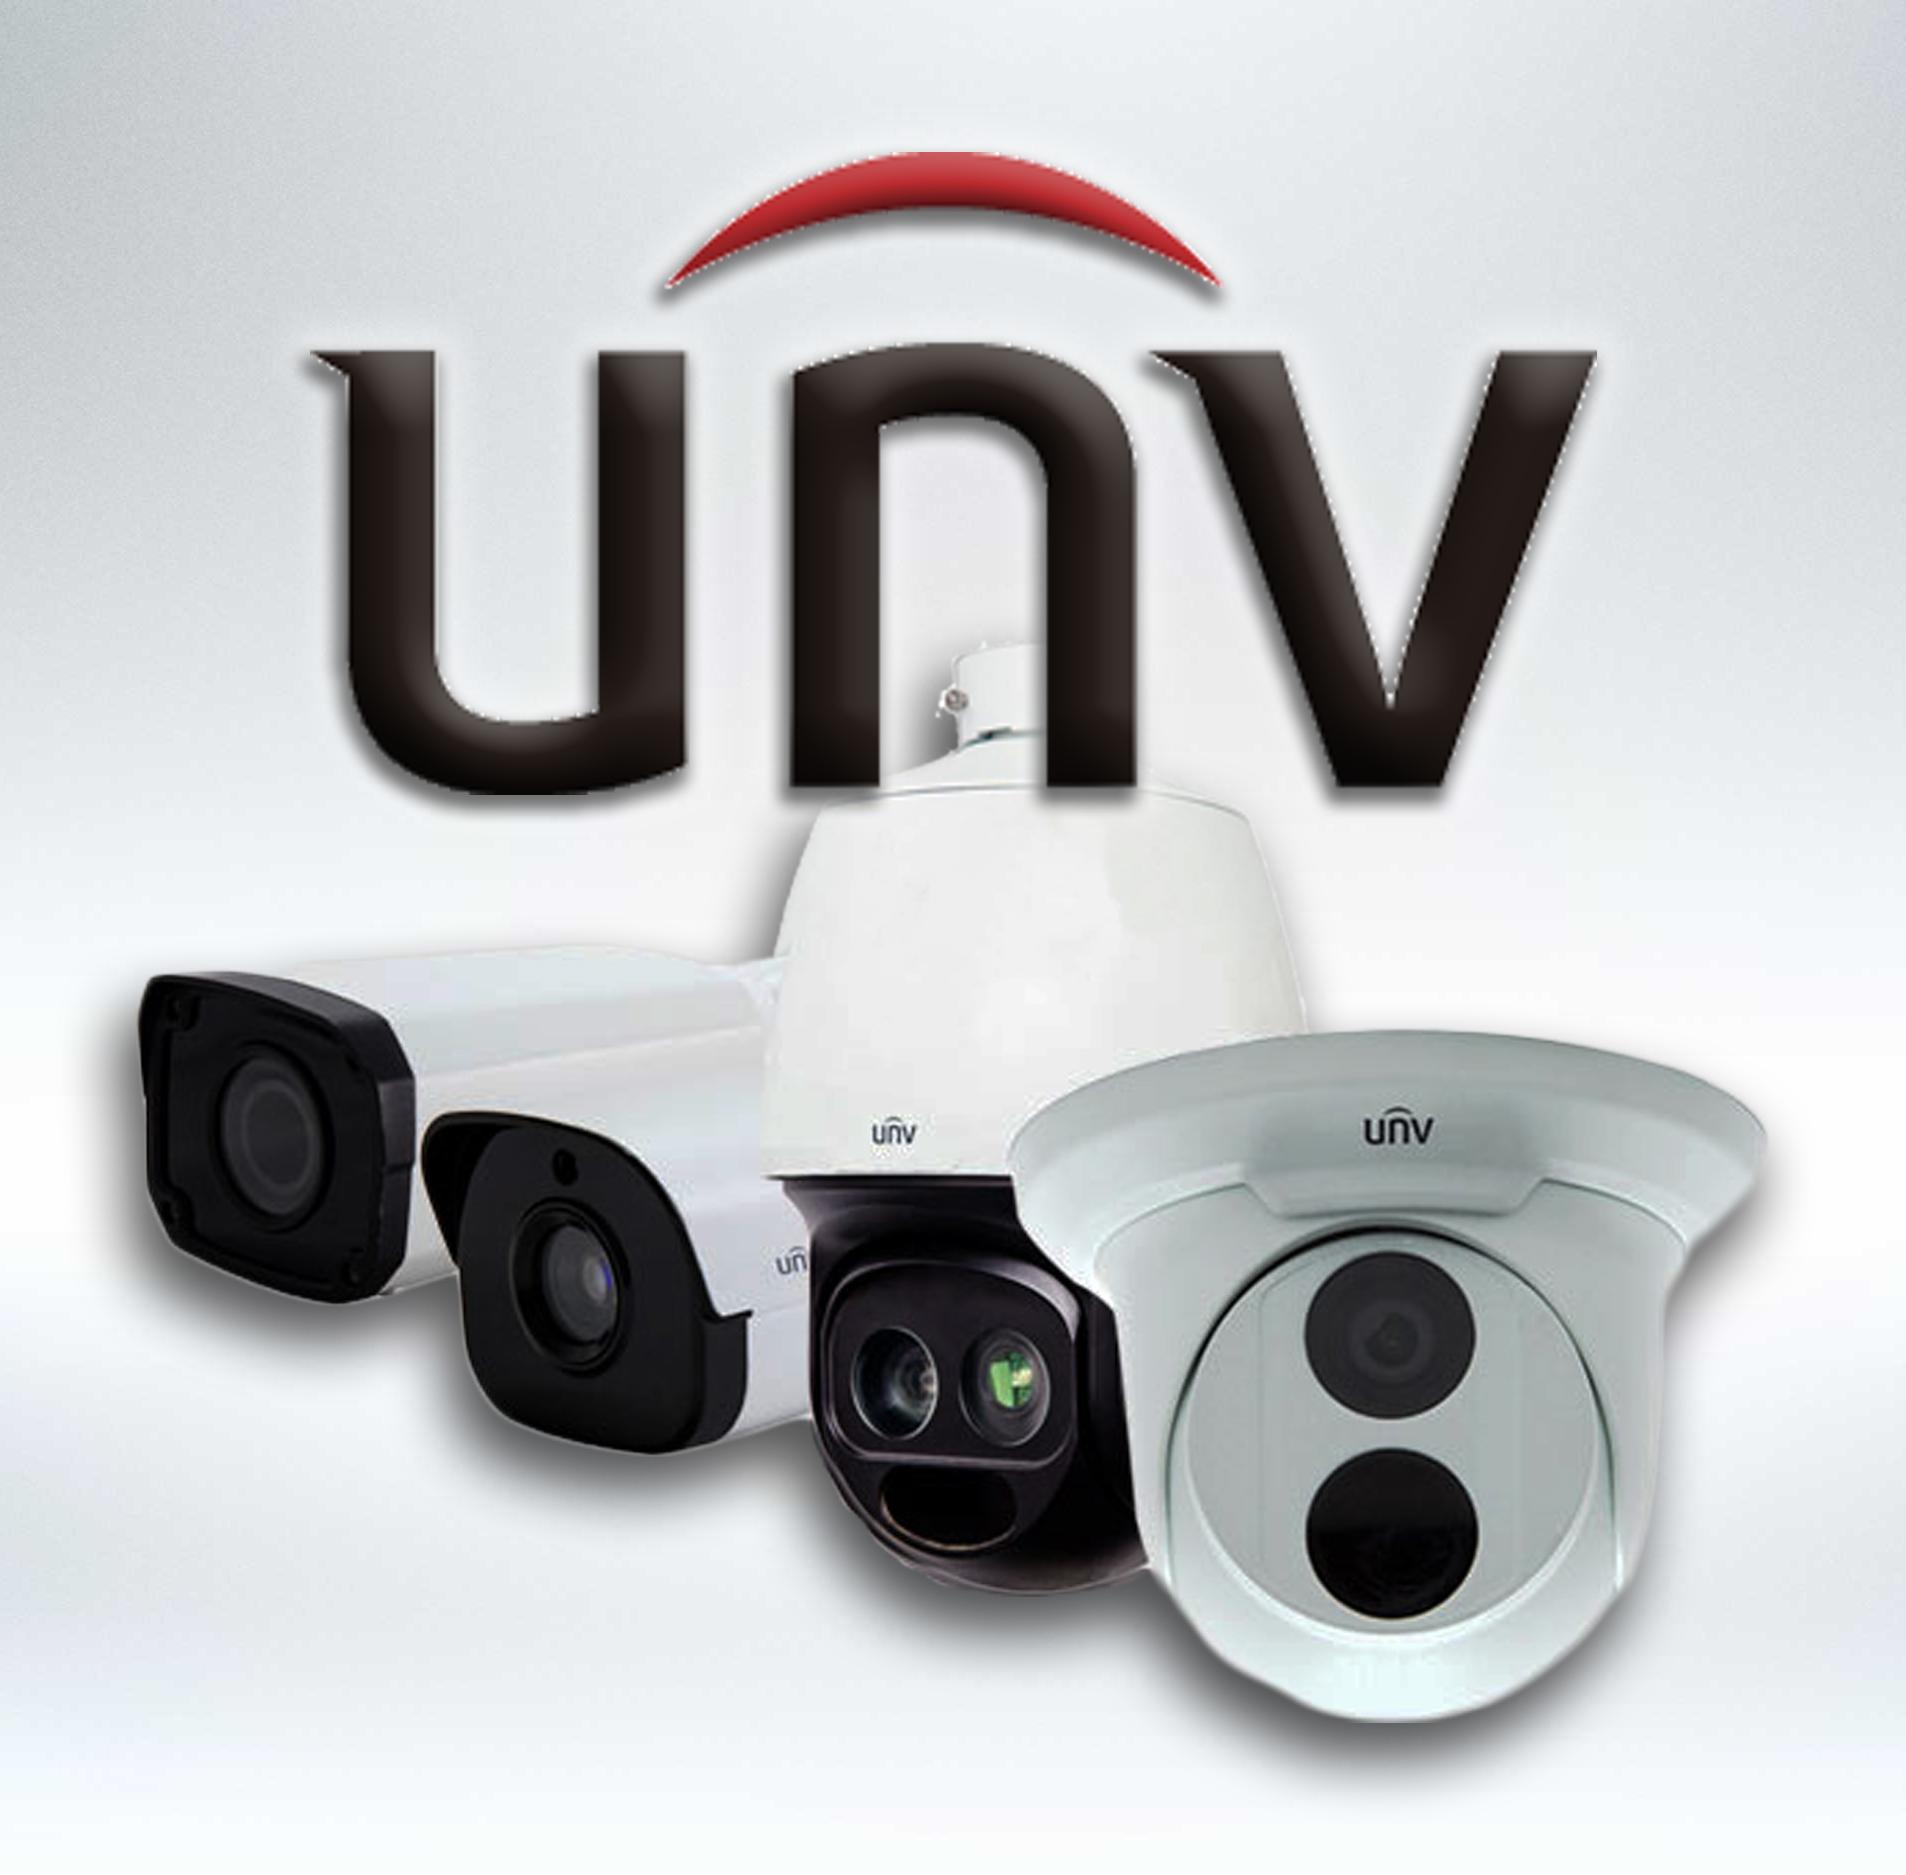 Unv Uniview Ip Surveillance Solutions